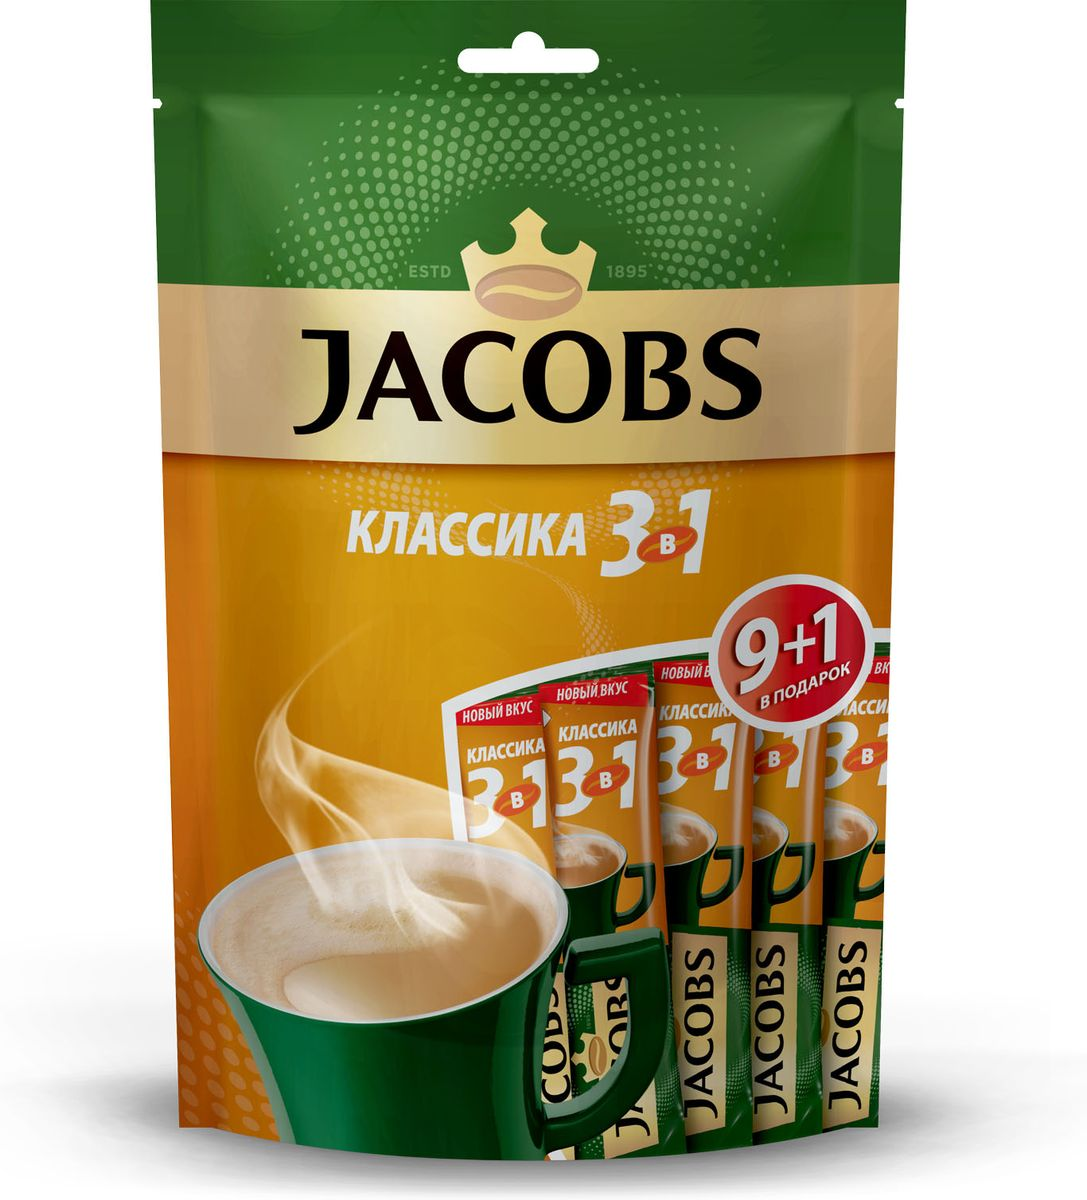 Jacobs Классика 3 в 1 напиток кофейный растворимый в стиках, 10 шт кофейный напиток nescafe 3 в 1 мягкий сливочный вкус порционный